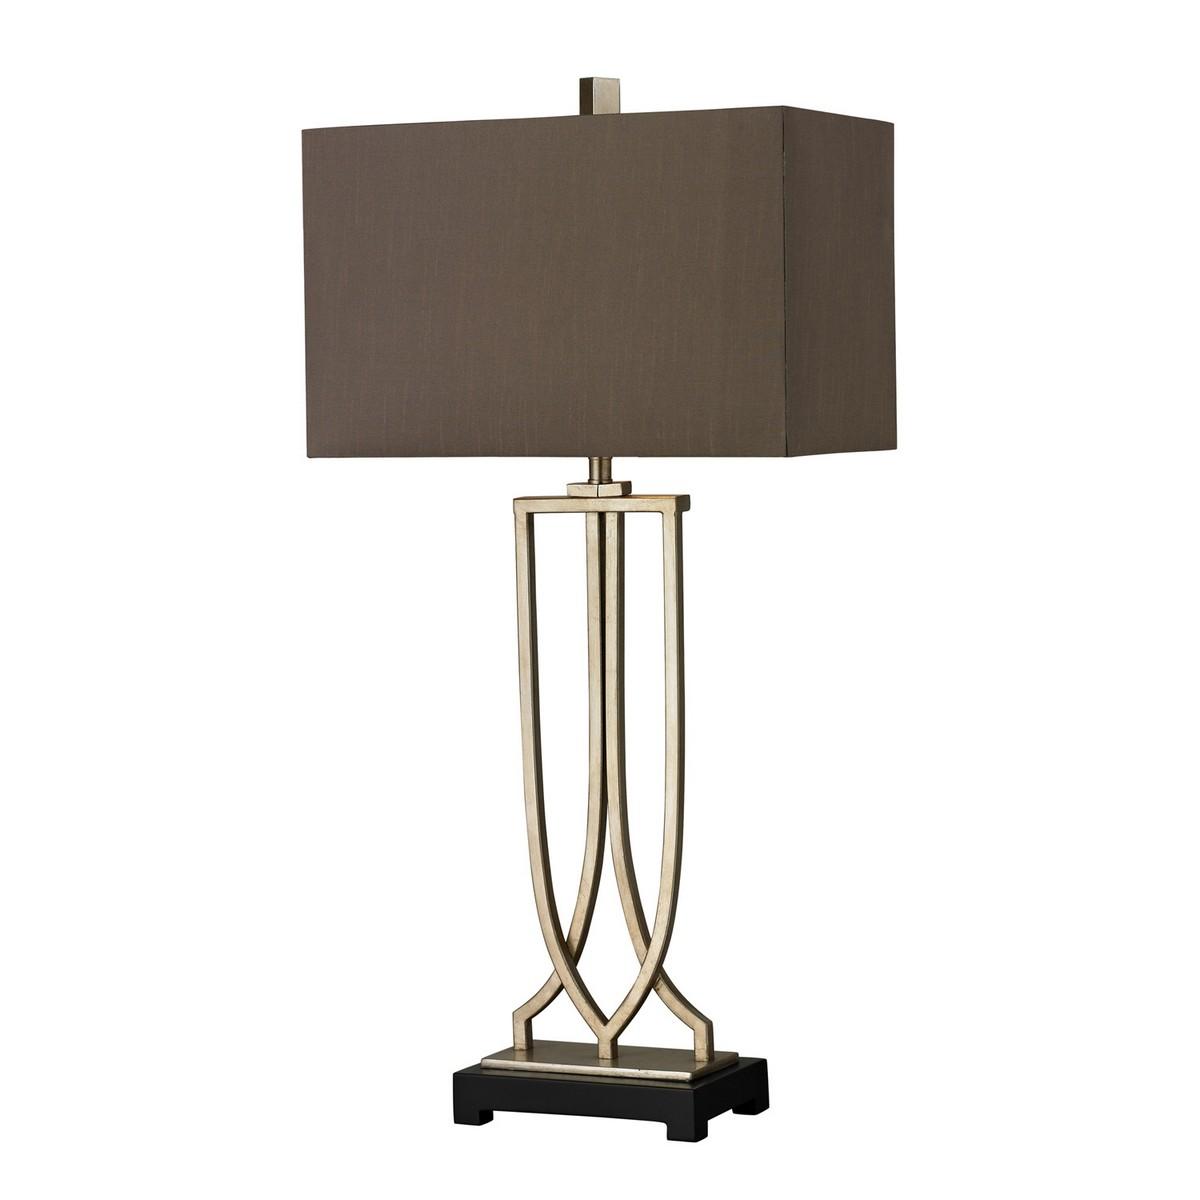 Elk Lighting D229 Table Lamp - Antique Silver Leaf